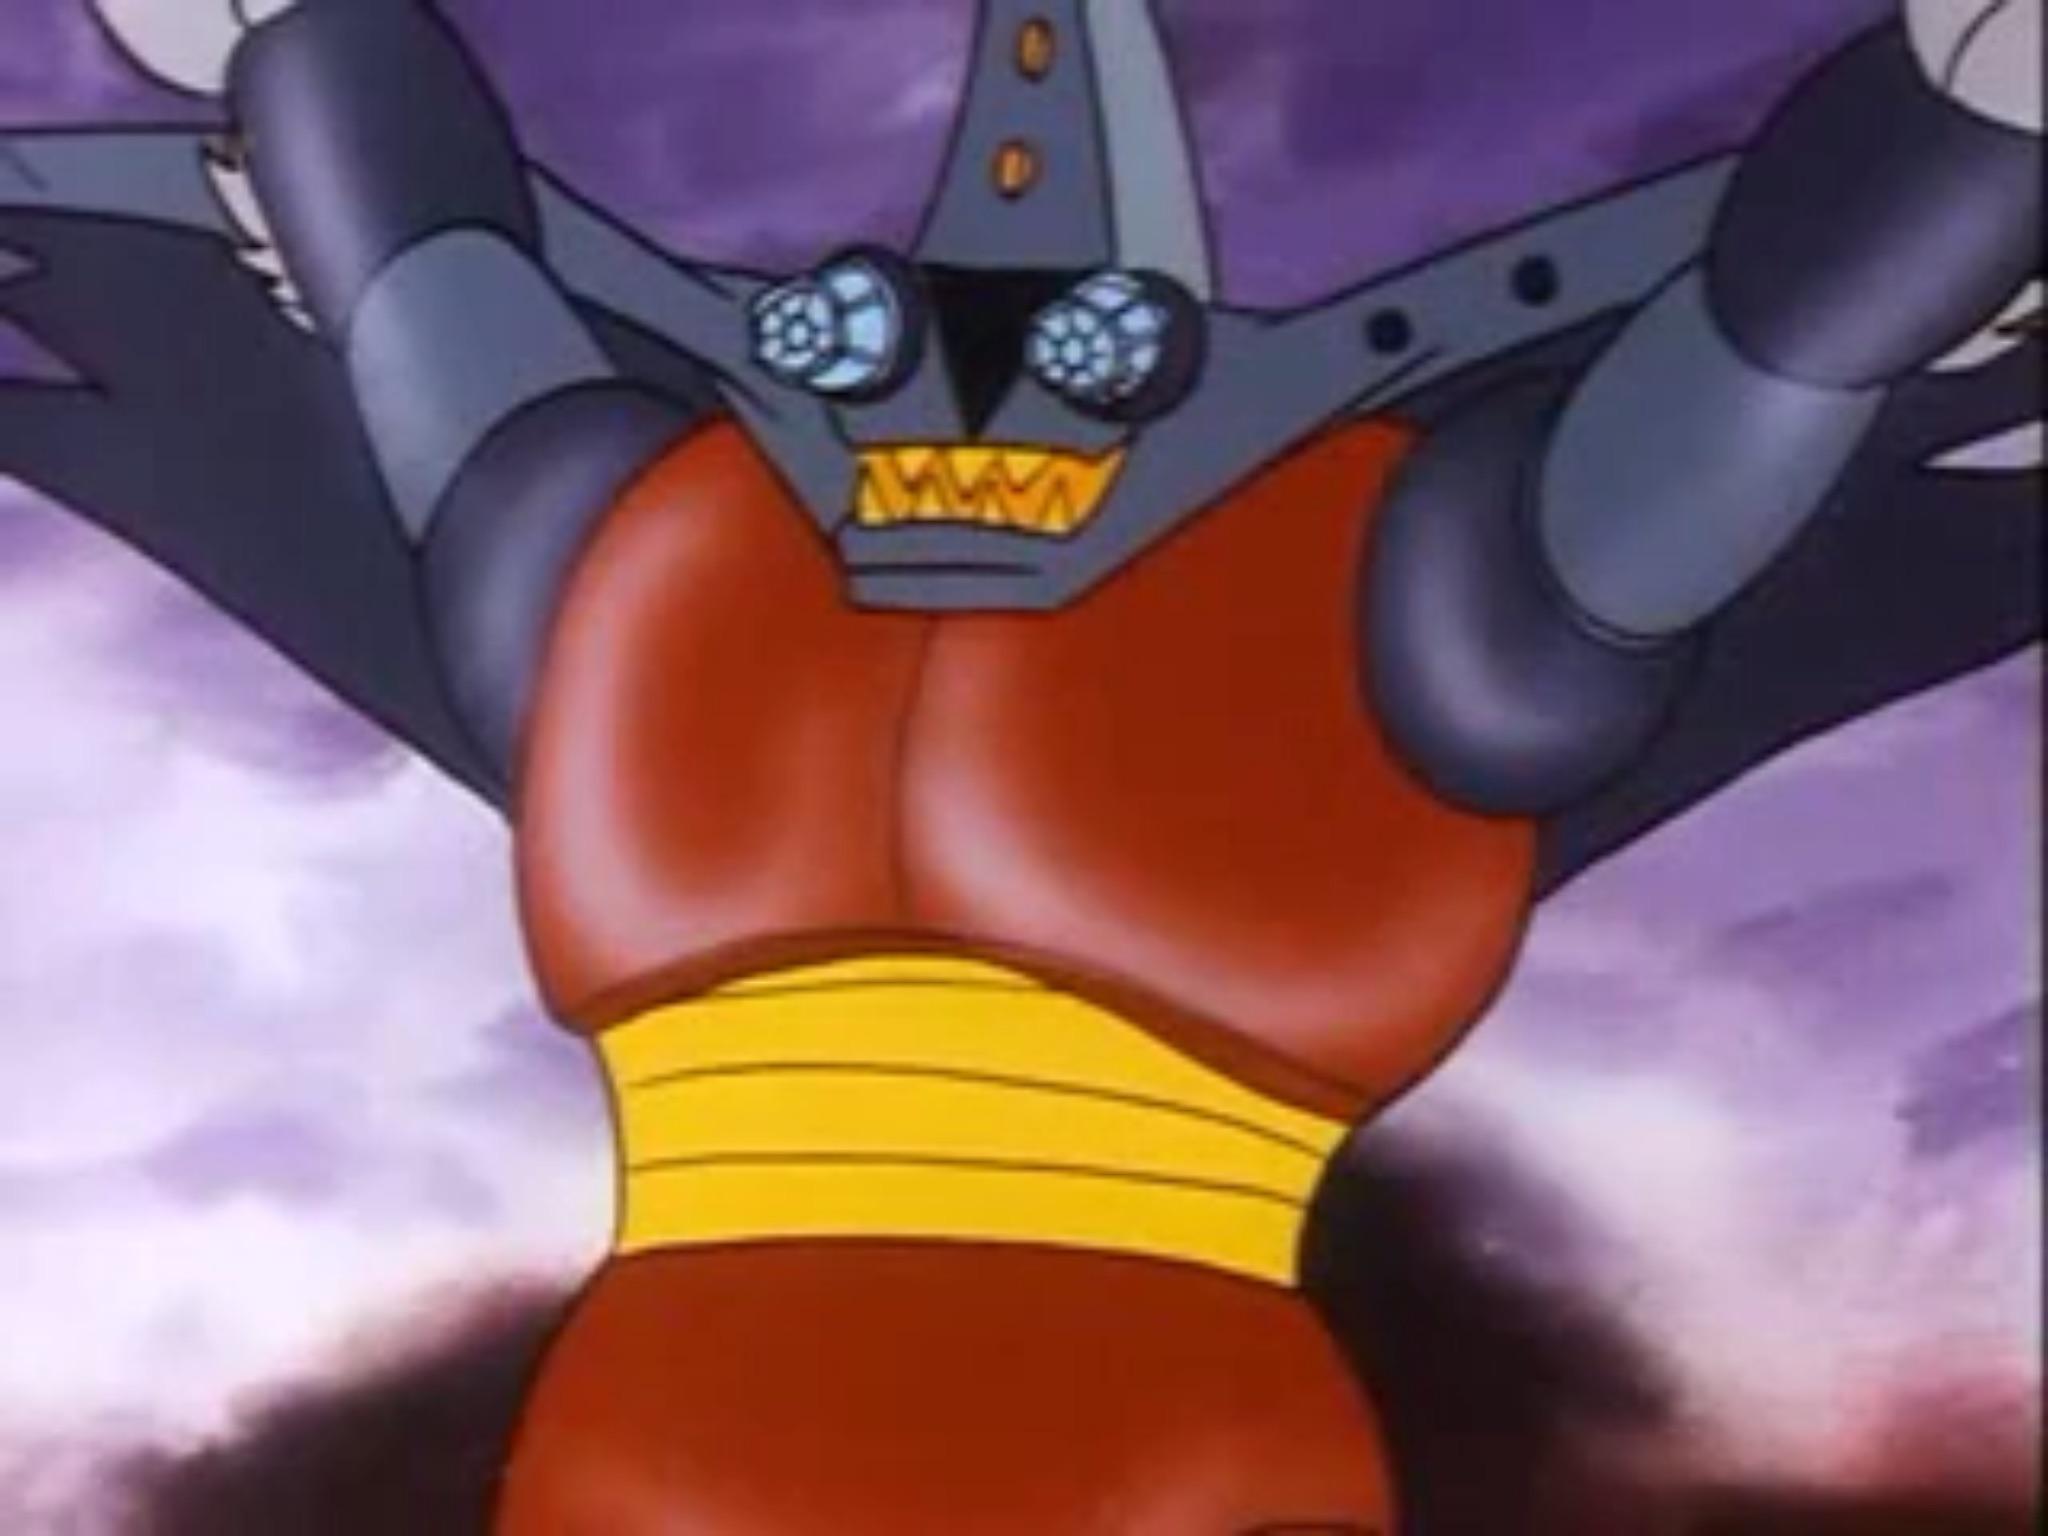 Robo Devil